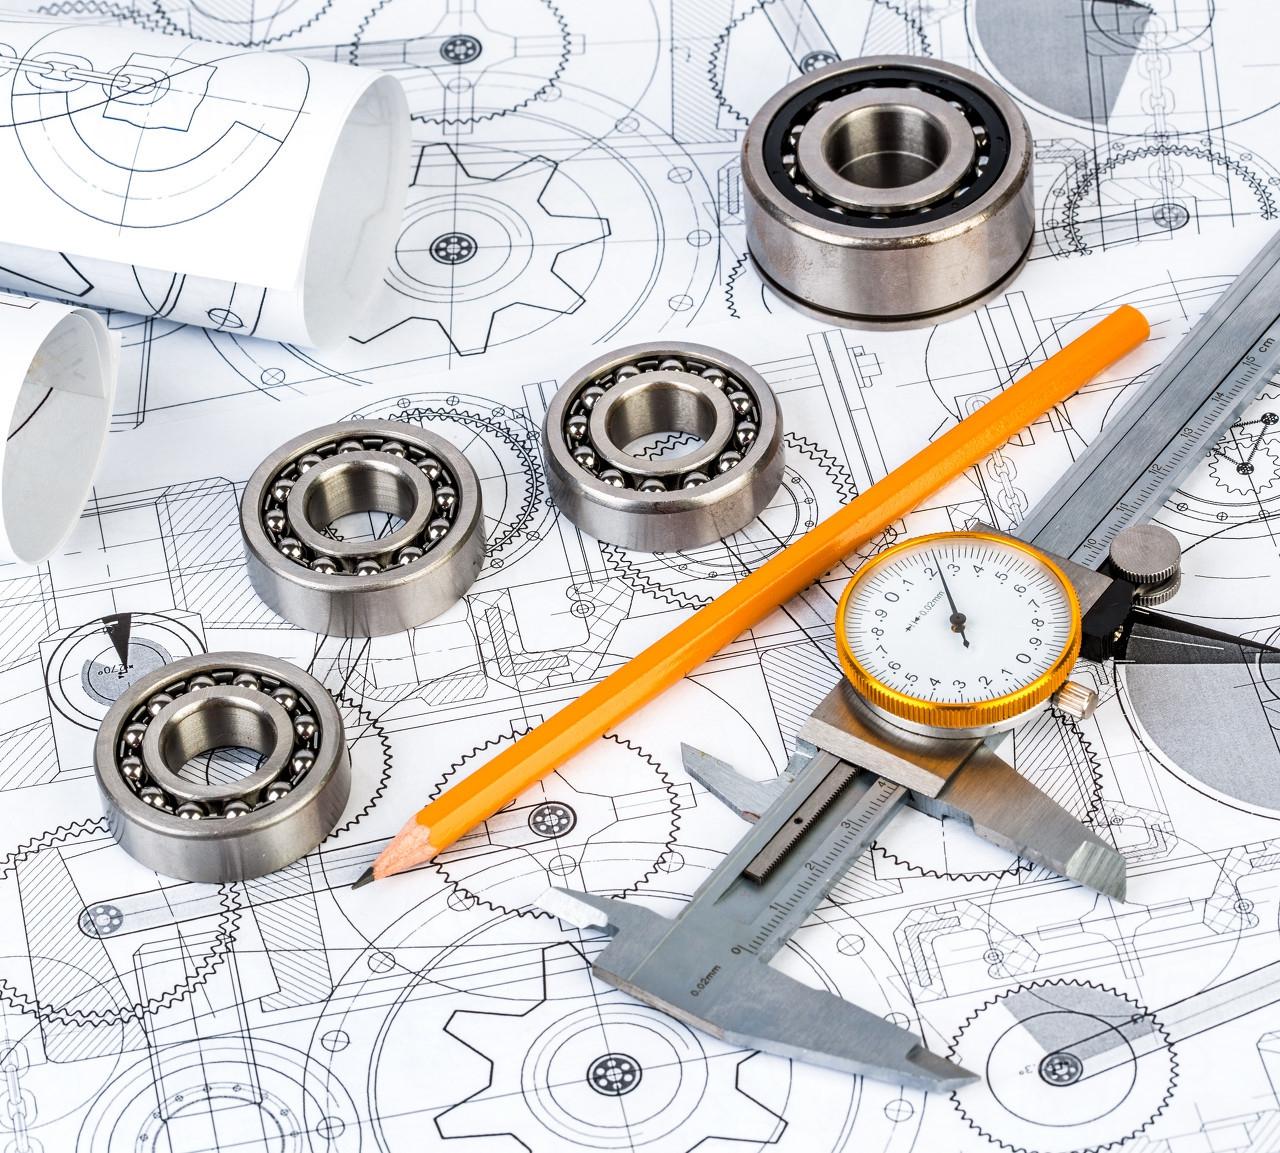 講述滾針軸承不同場合的應用功能